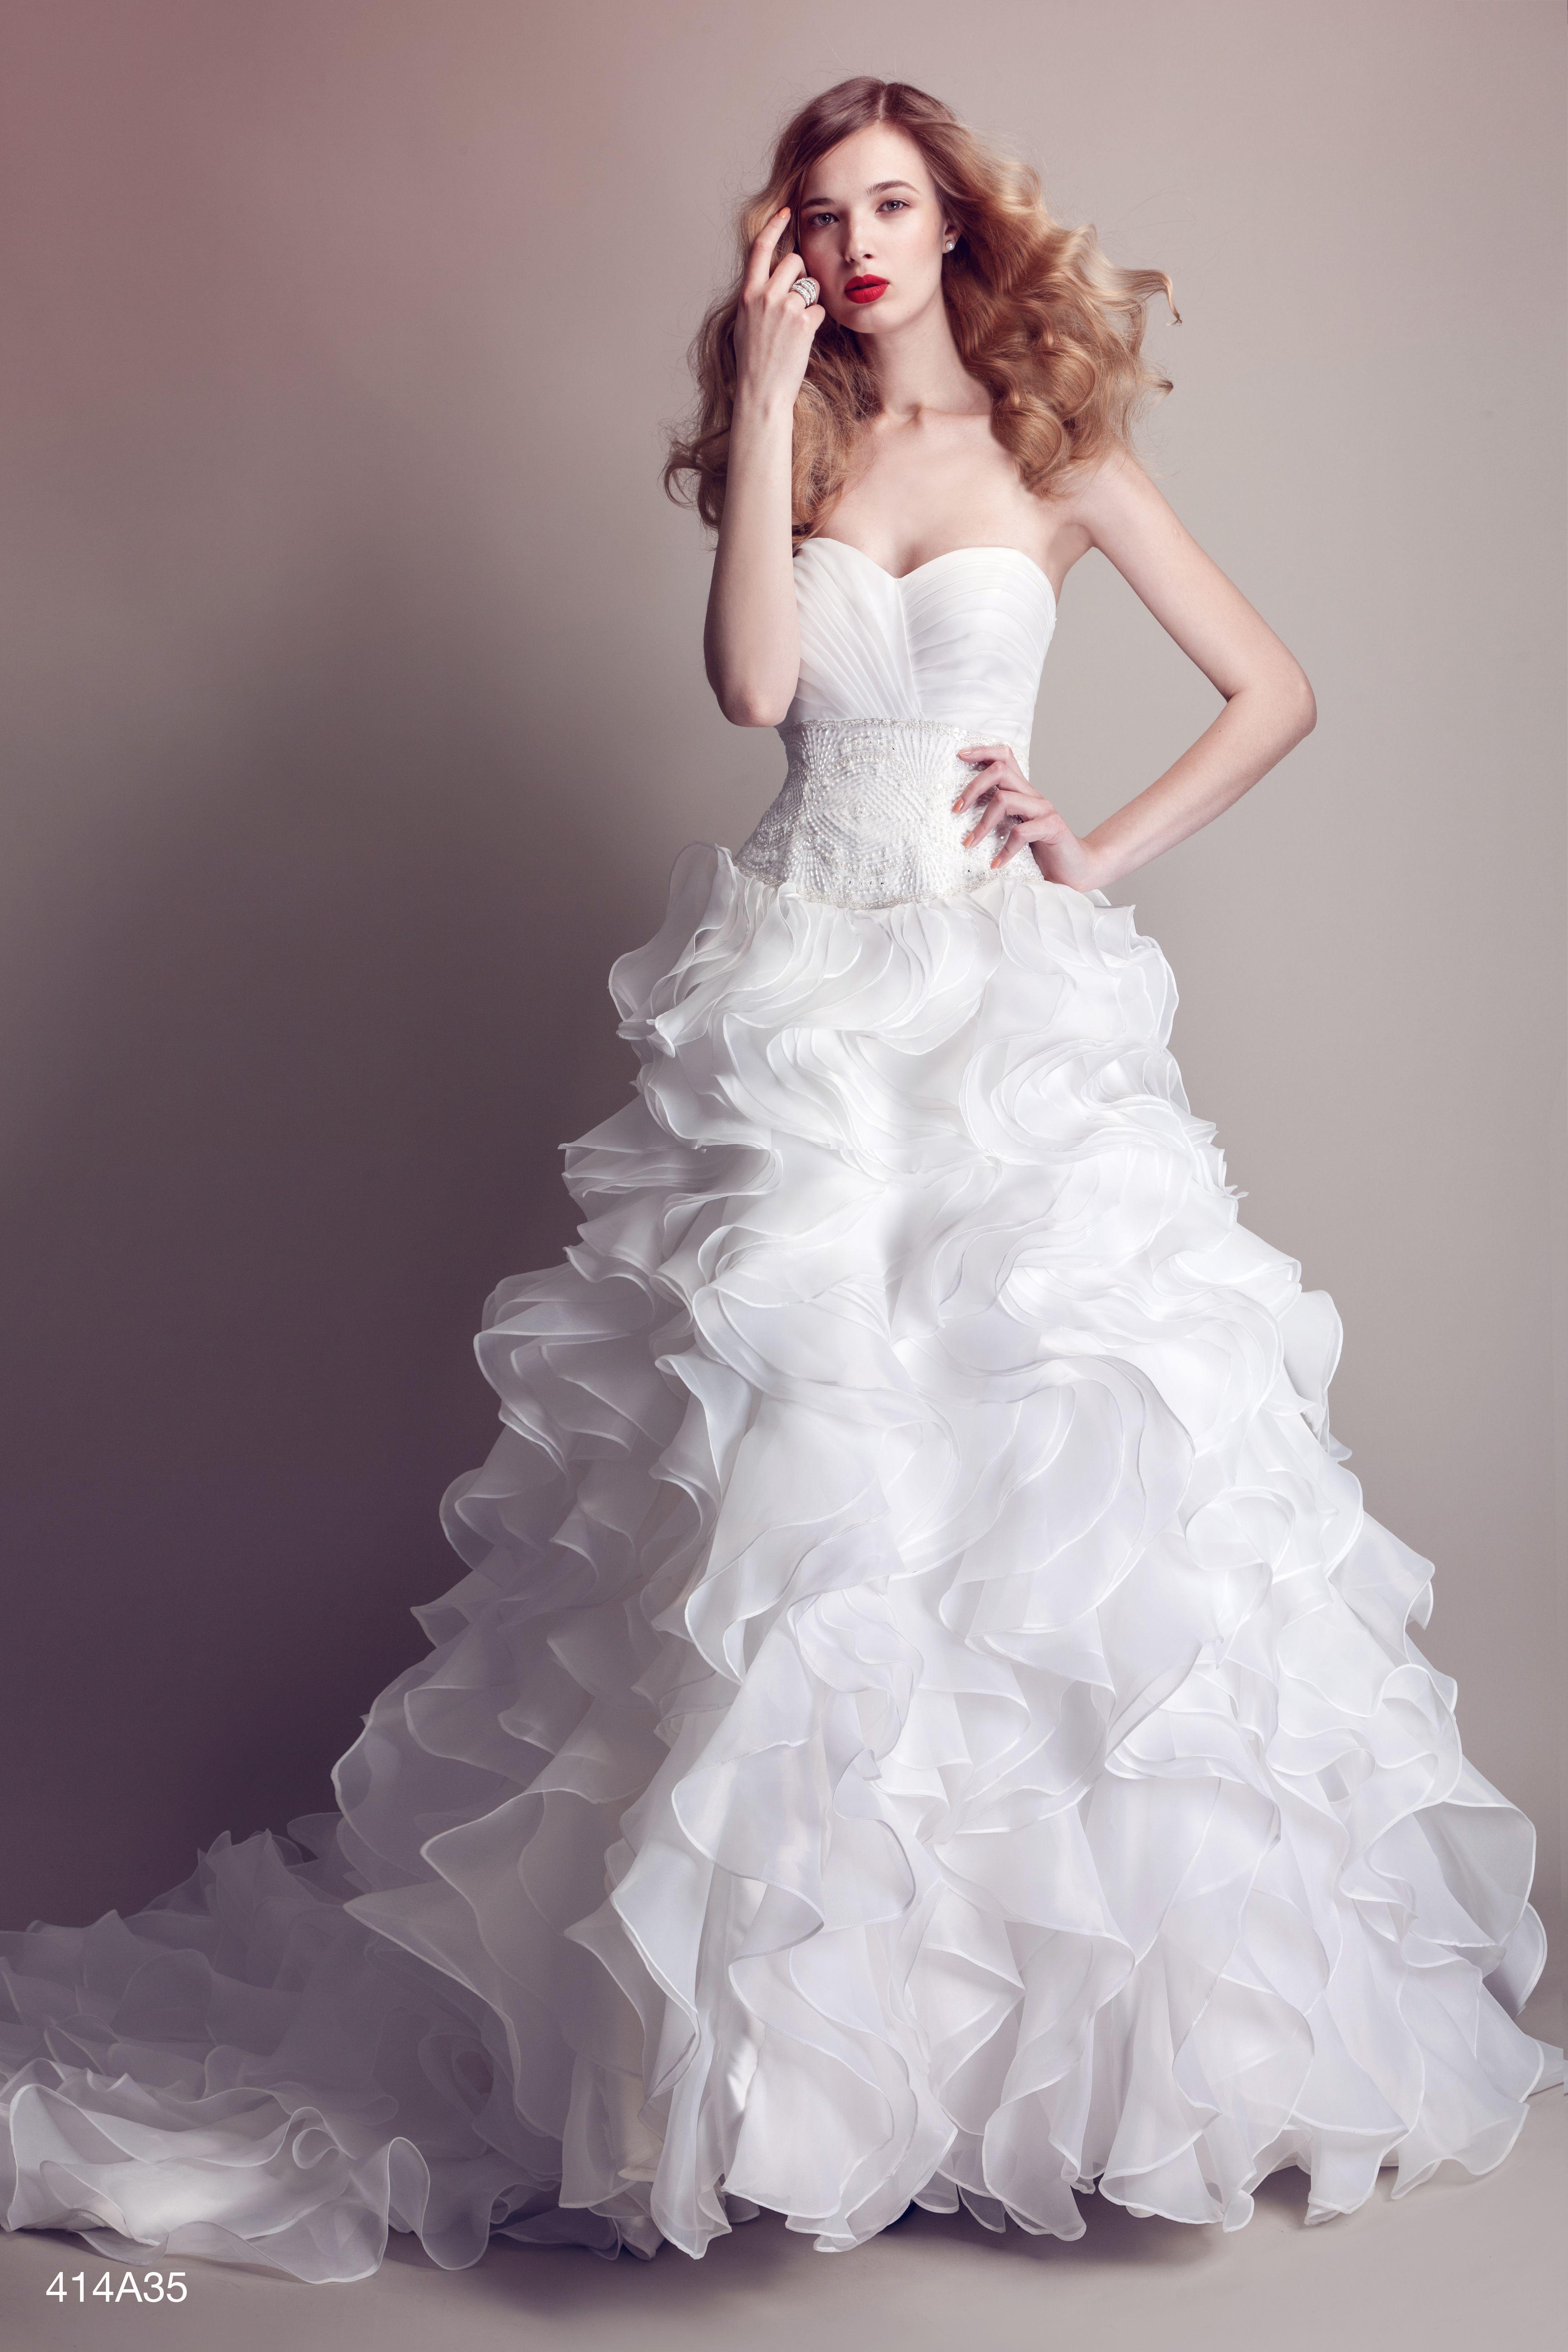 521cc972fe99 PASTORE BRIDAL P E 2014 Originale abito da sposa in organza ...